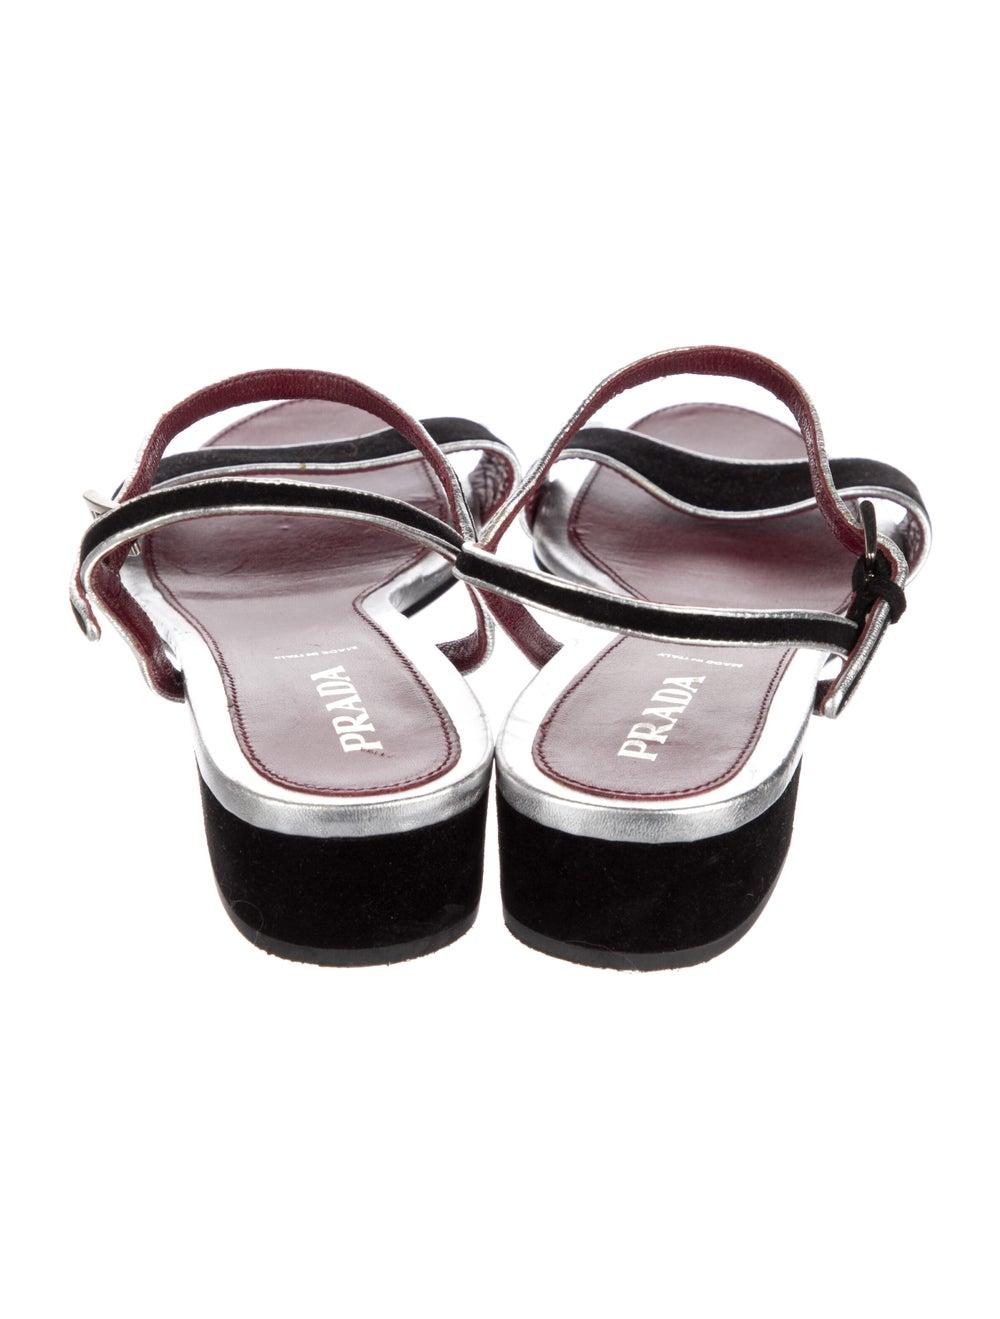 Prada Suede Sandals Black - image 4